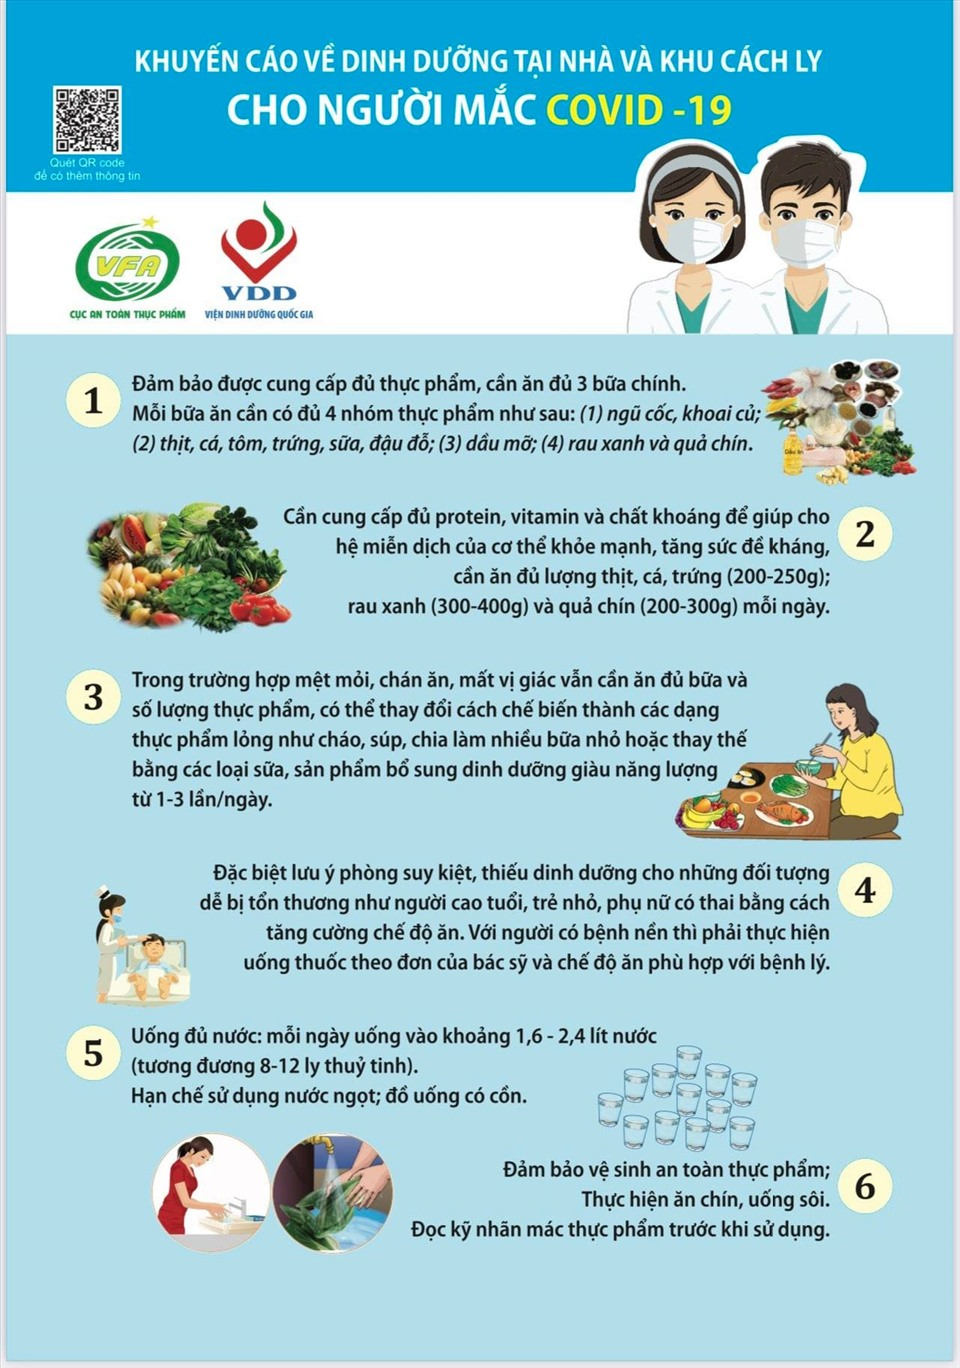 Chế độ dinh dưỡng cho người mắc COVID-19 tại nhà và khu cách ly - Ảnh 3